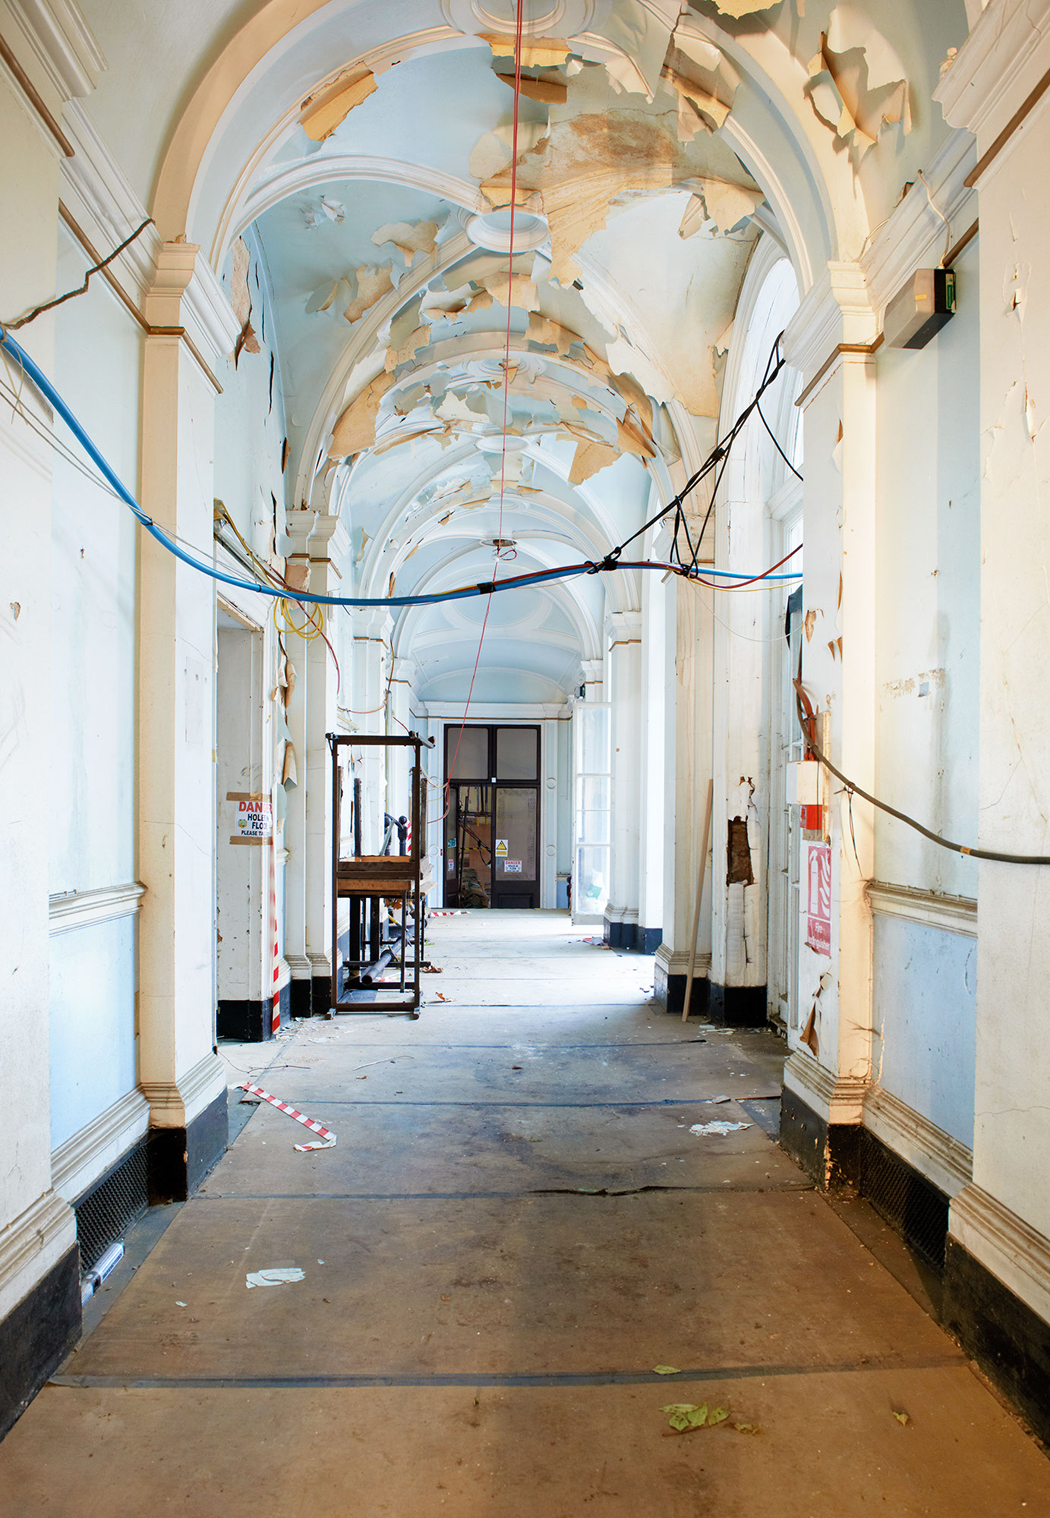 InAndOutClub_Corridor_0112, credit photographer Peter Dazeley